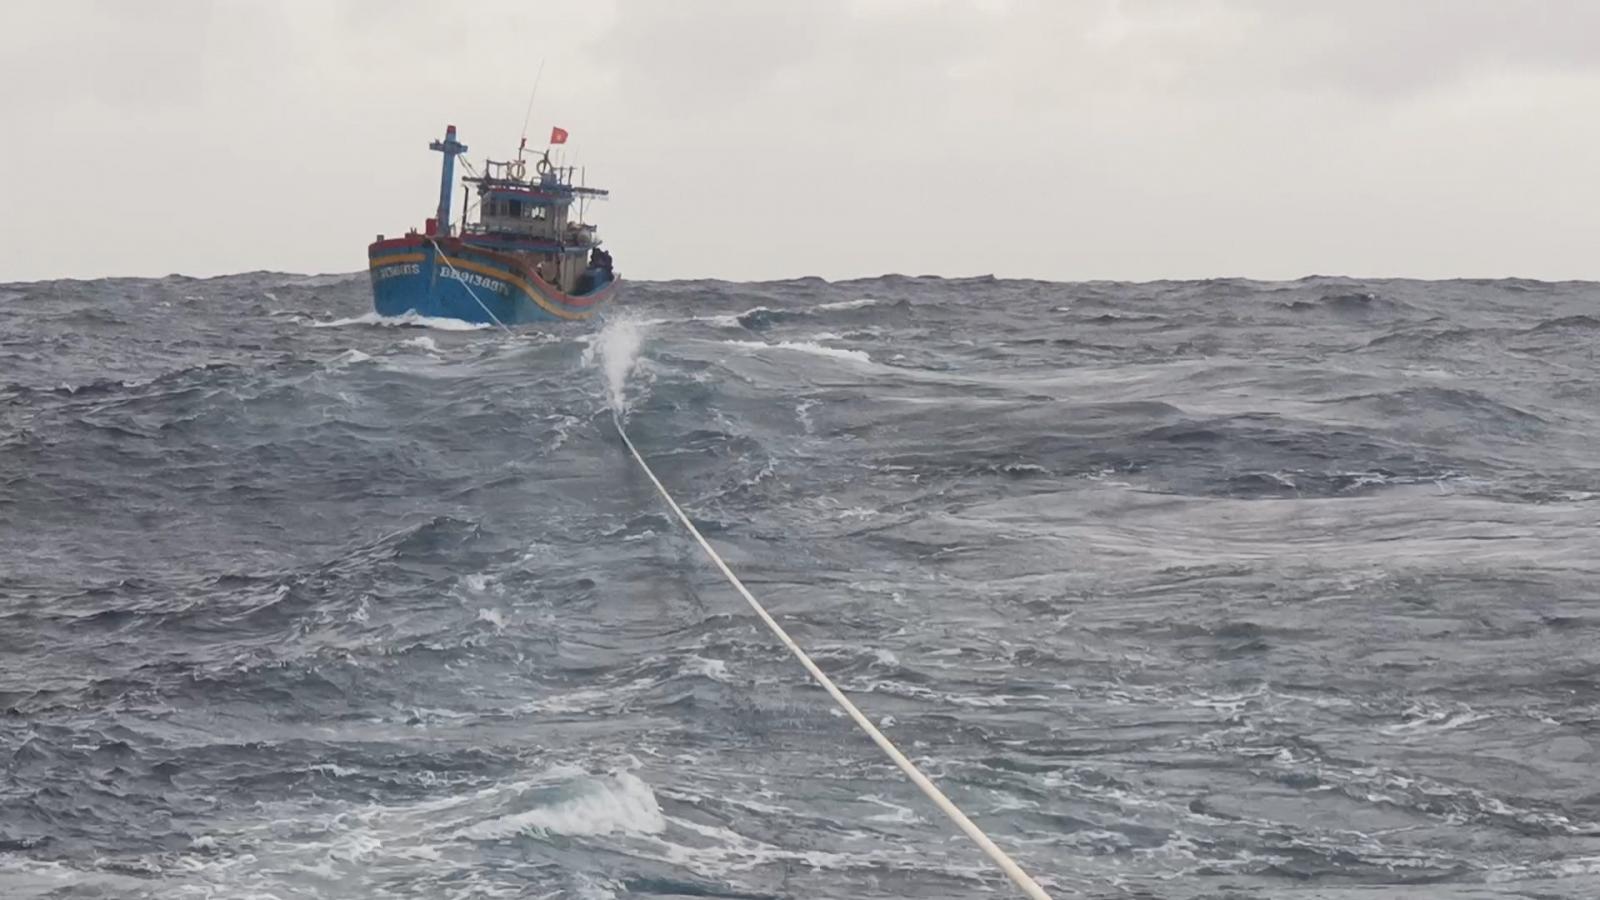 Vùng 4 Hải quân phối hợp với lực lượng Kiểm ngư cứu kéo tàu cá bị nạn trên biển